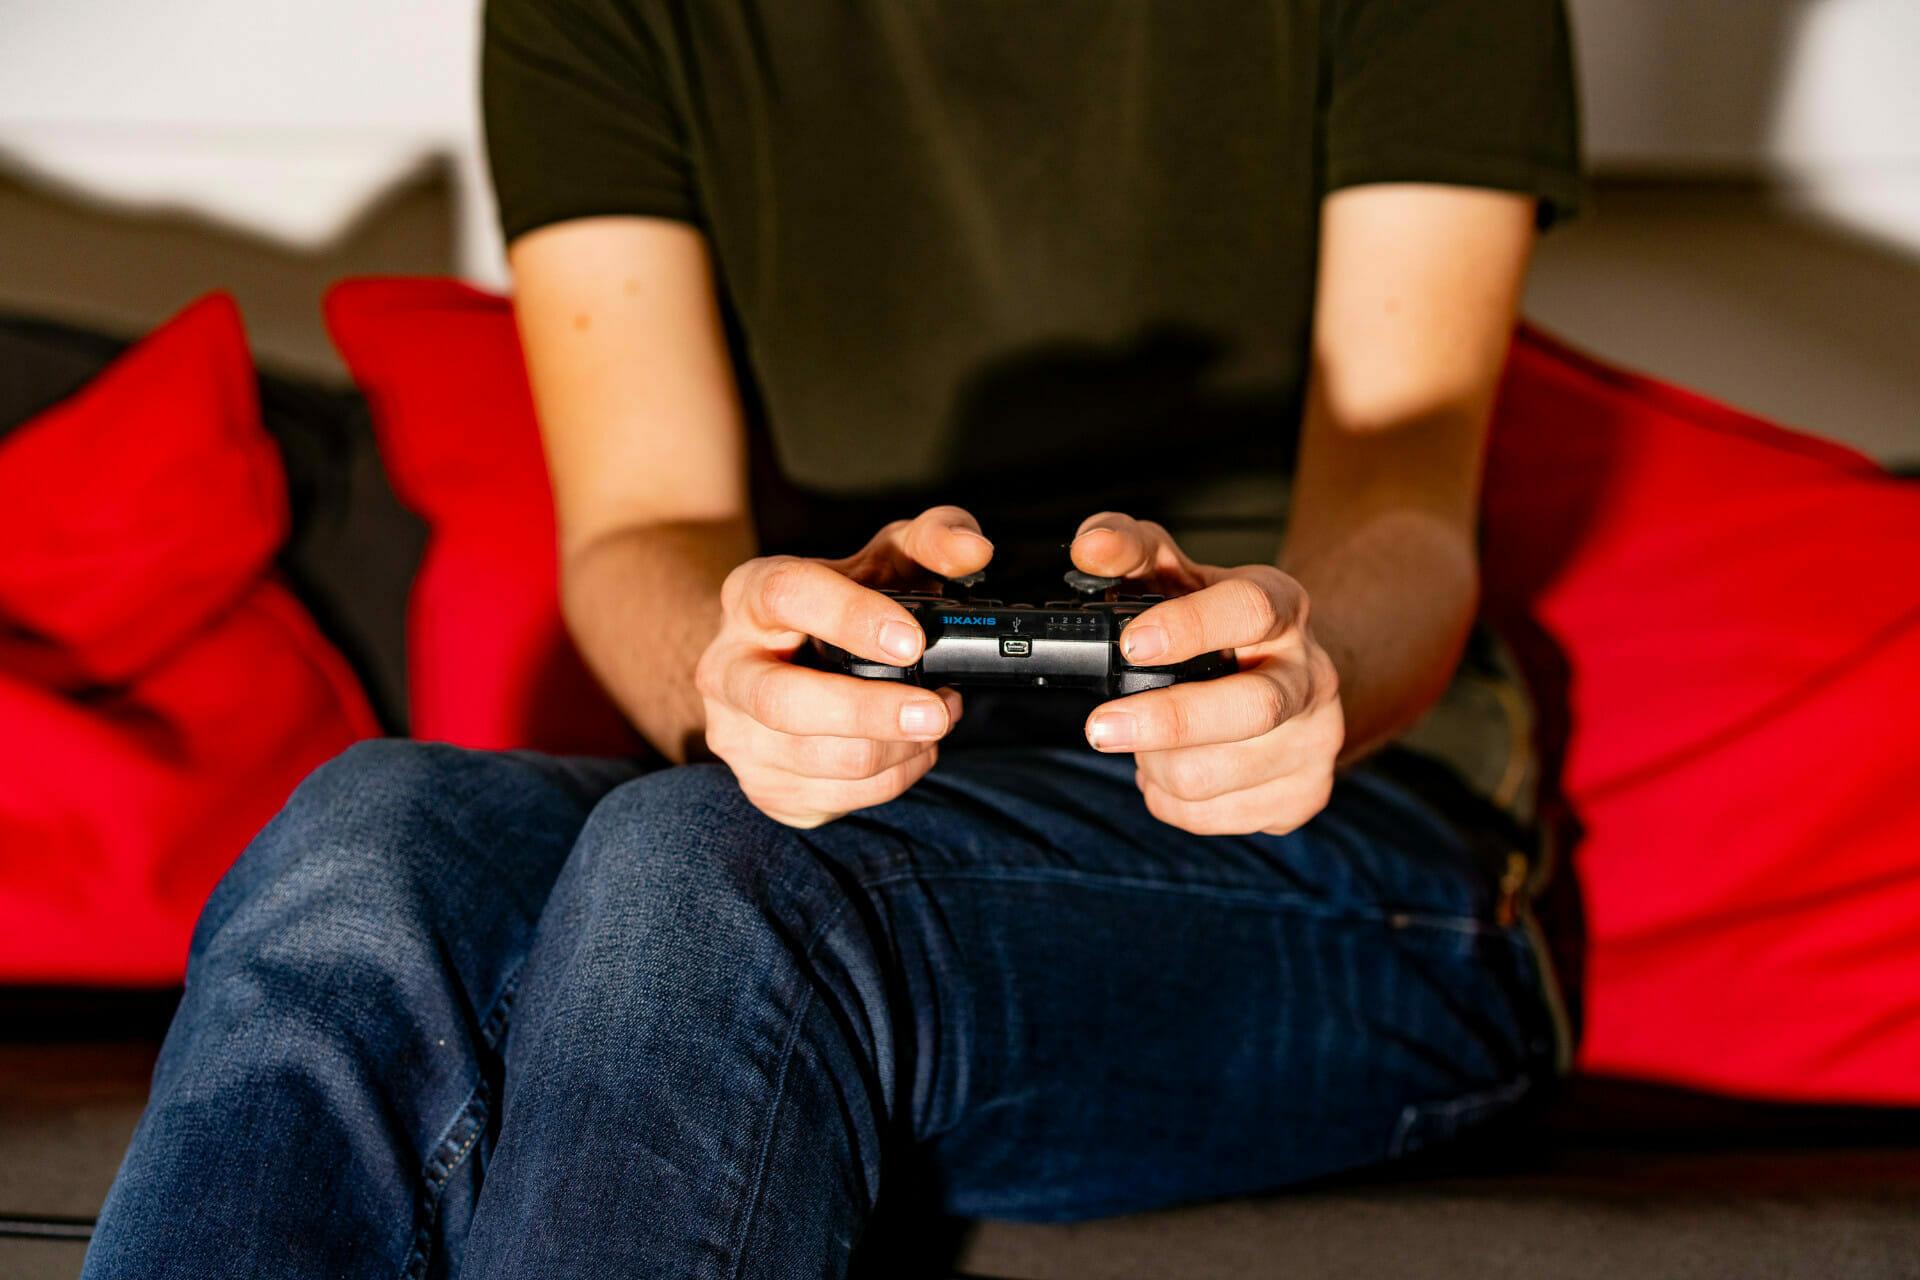 hulp bij gameverslaving